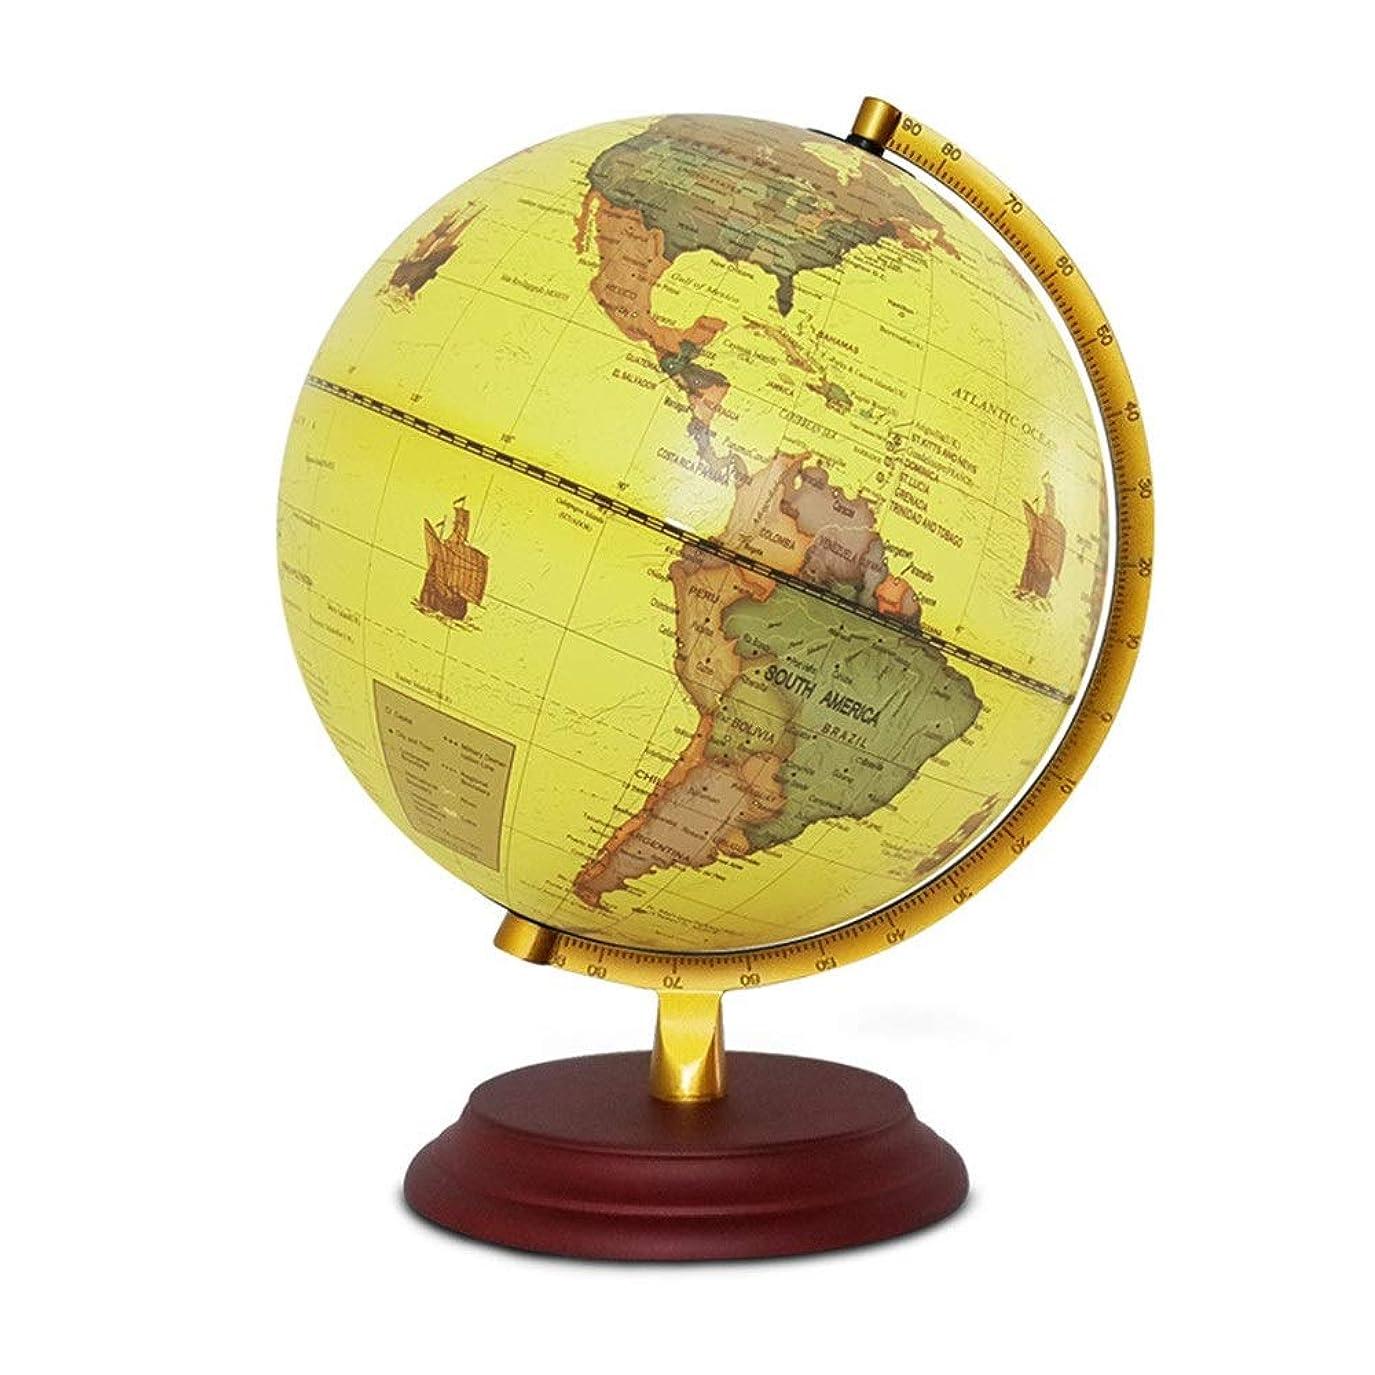 悲観的嫌がらせ可決世界の地球儀 ヨーロッパやアメリカのグローブ中学生レトロルミナスLEDテーブルランプの装飾品 知育玩具 (Color : Beige, Size : Free size)